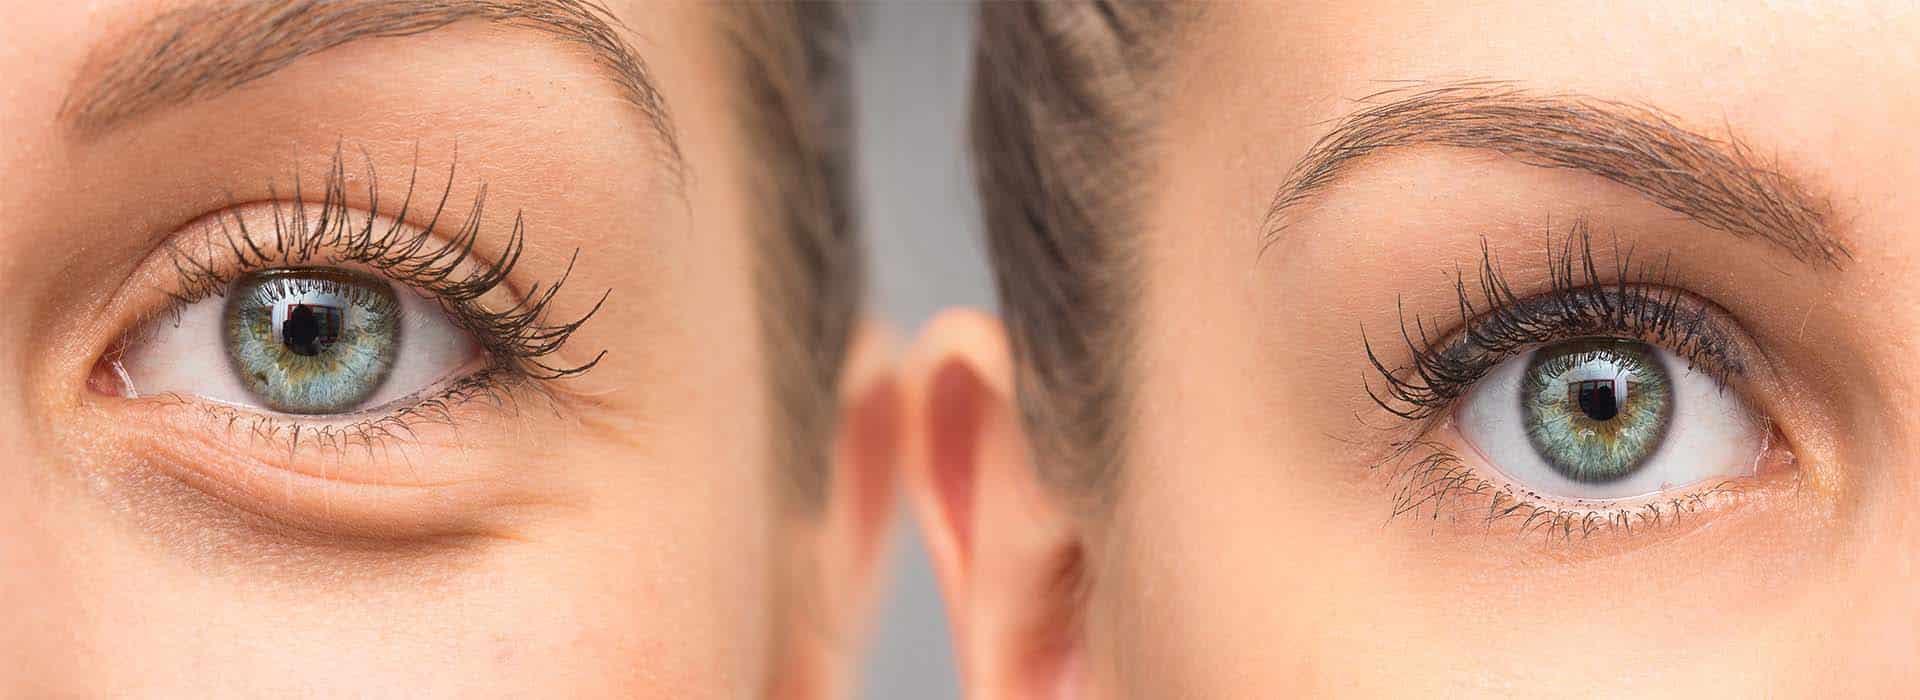 Blefaroplastia inferior: ¿Qué es? Tratamiento y resultados